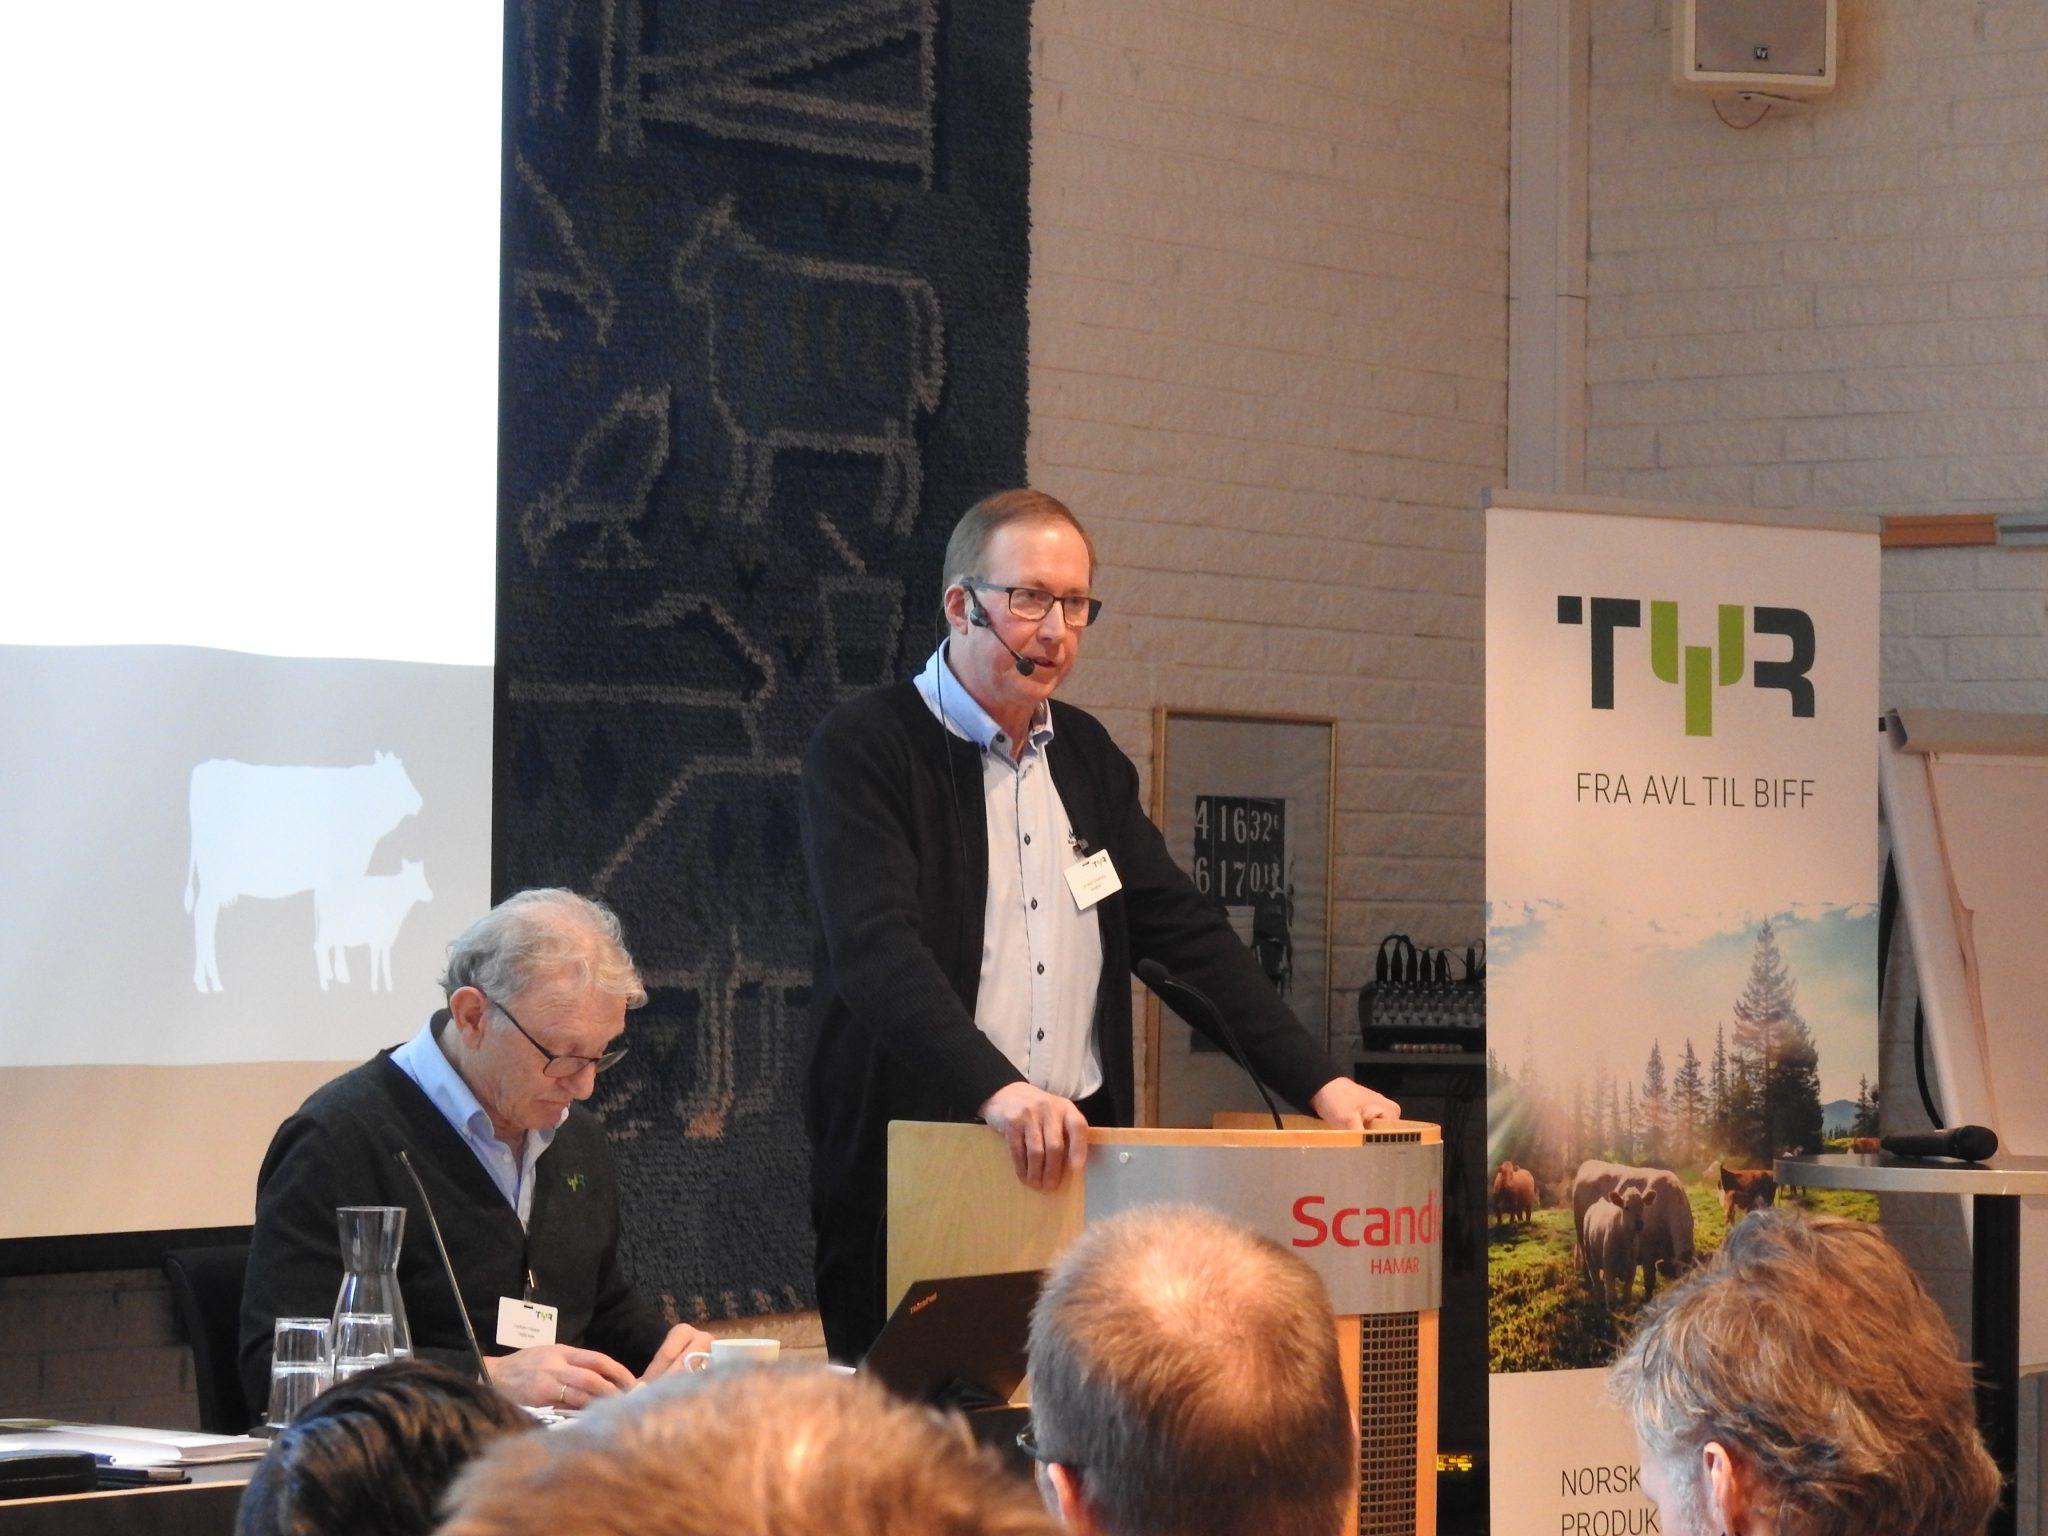 Leif Helge Kongshaug ved talerstolen på årsmøtet i TYR 2018.